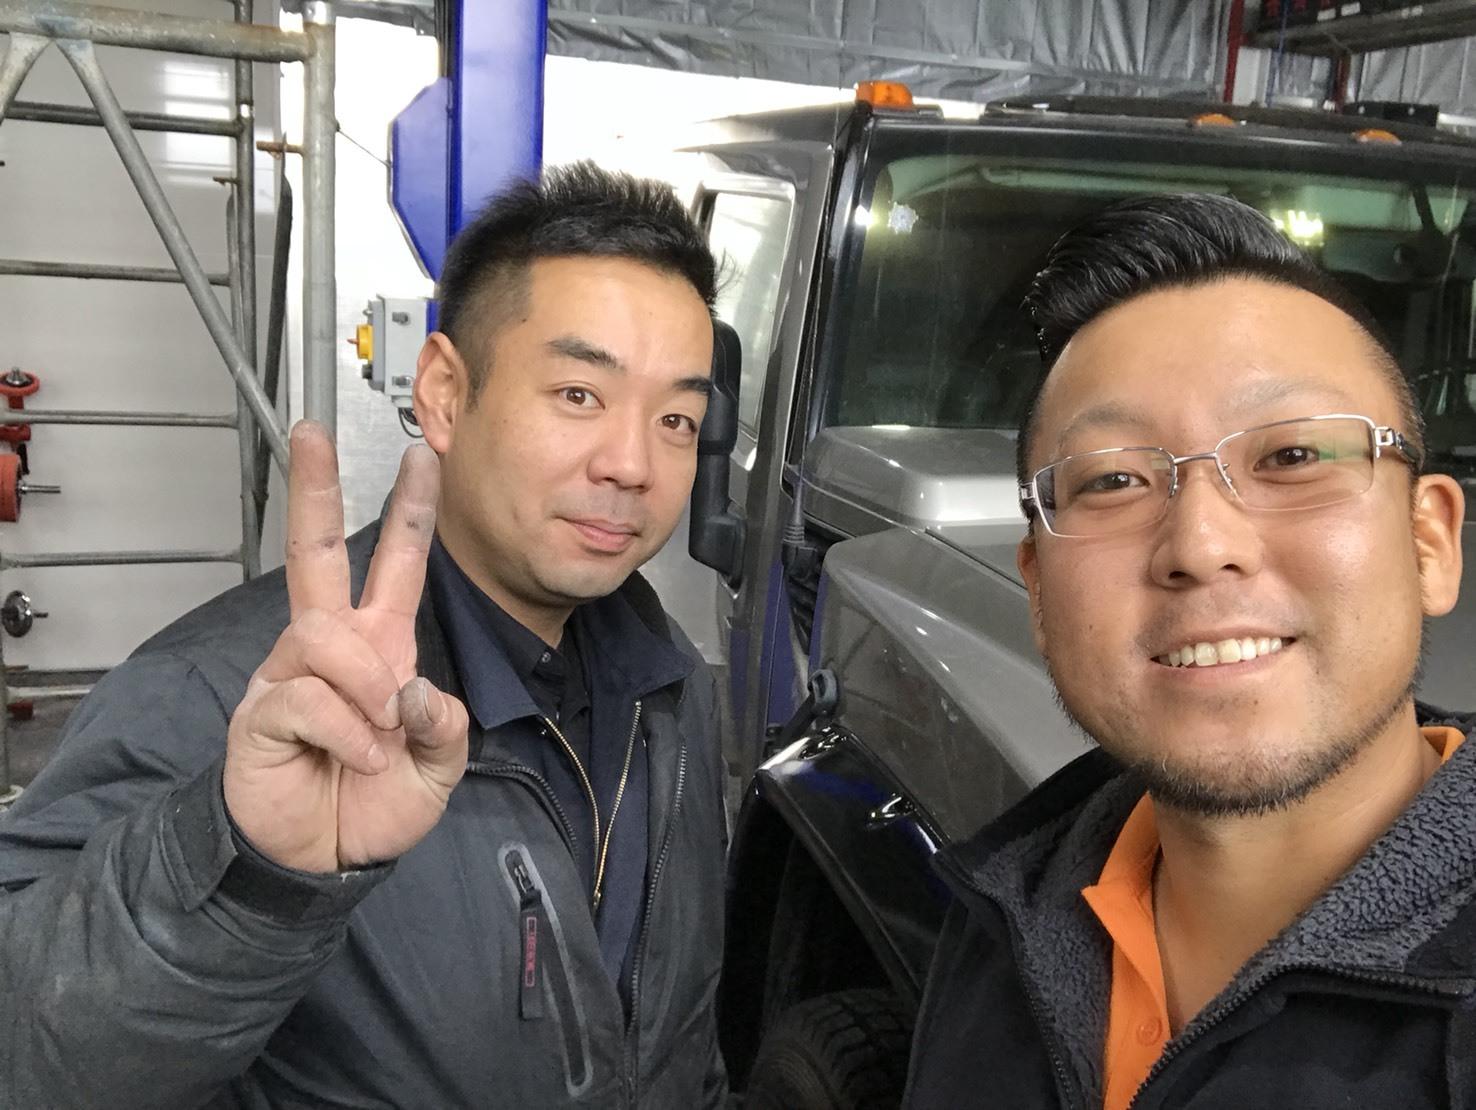 2月26日(月)トミーベース カスタムブログ☆新型QX802台入庫確定☆LS460後期AWD LS600hLエグゼクティブPKGもご紹介していきます☆_b0127002_10010803.jpg